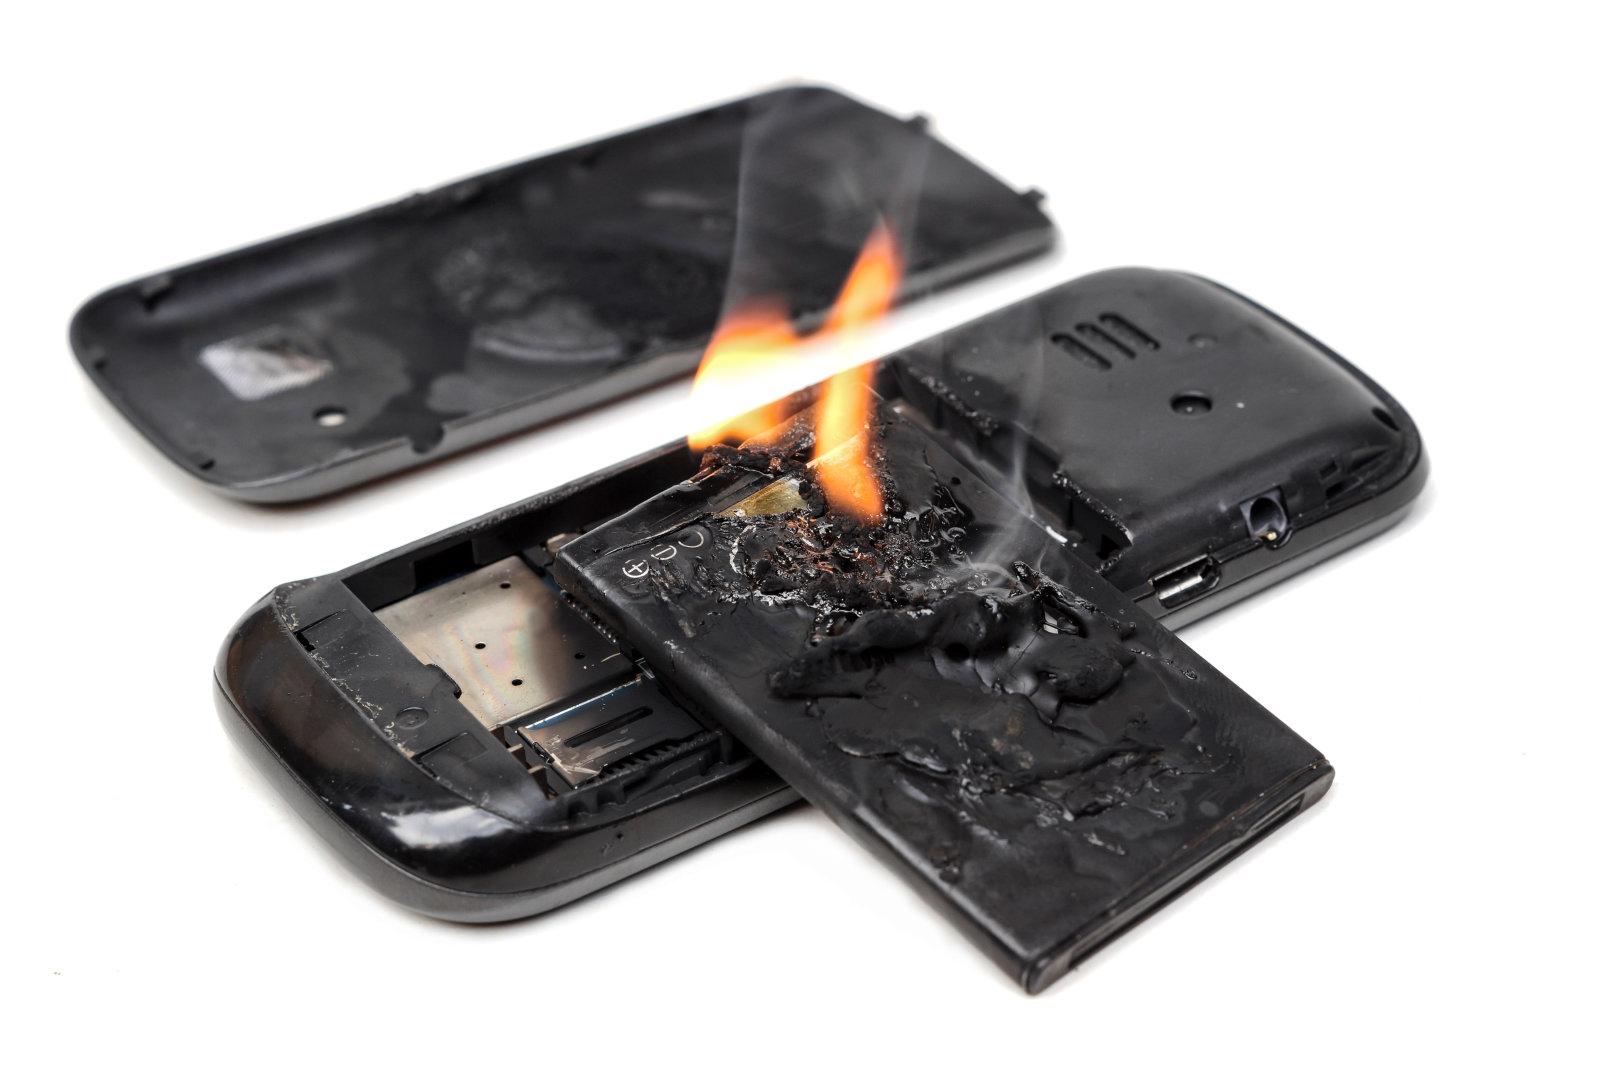 У литиевых батарей минусы – они пожароопасны